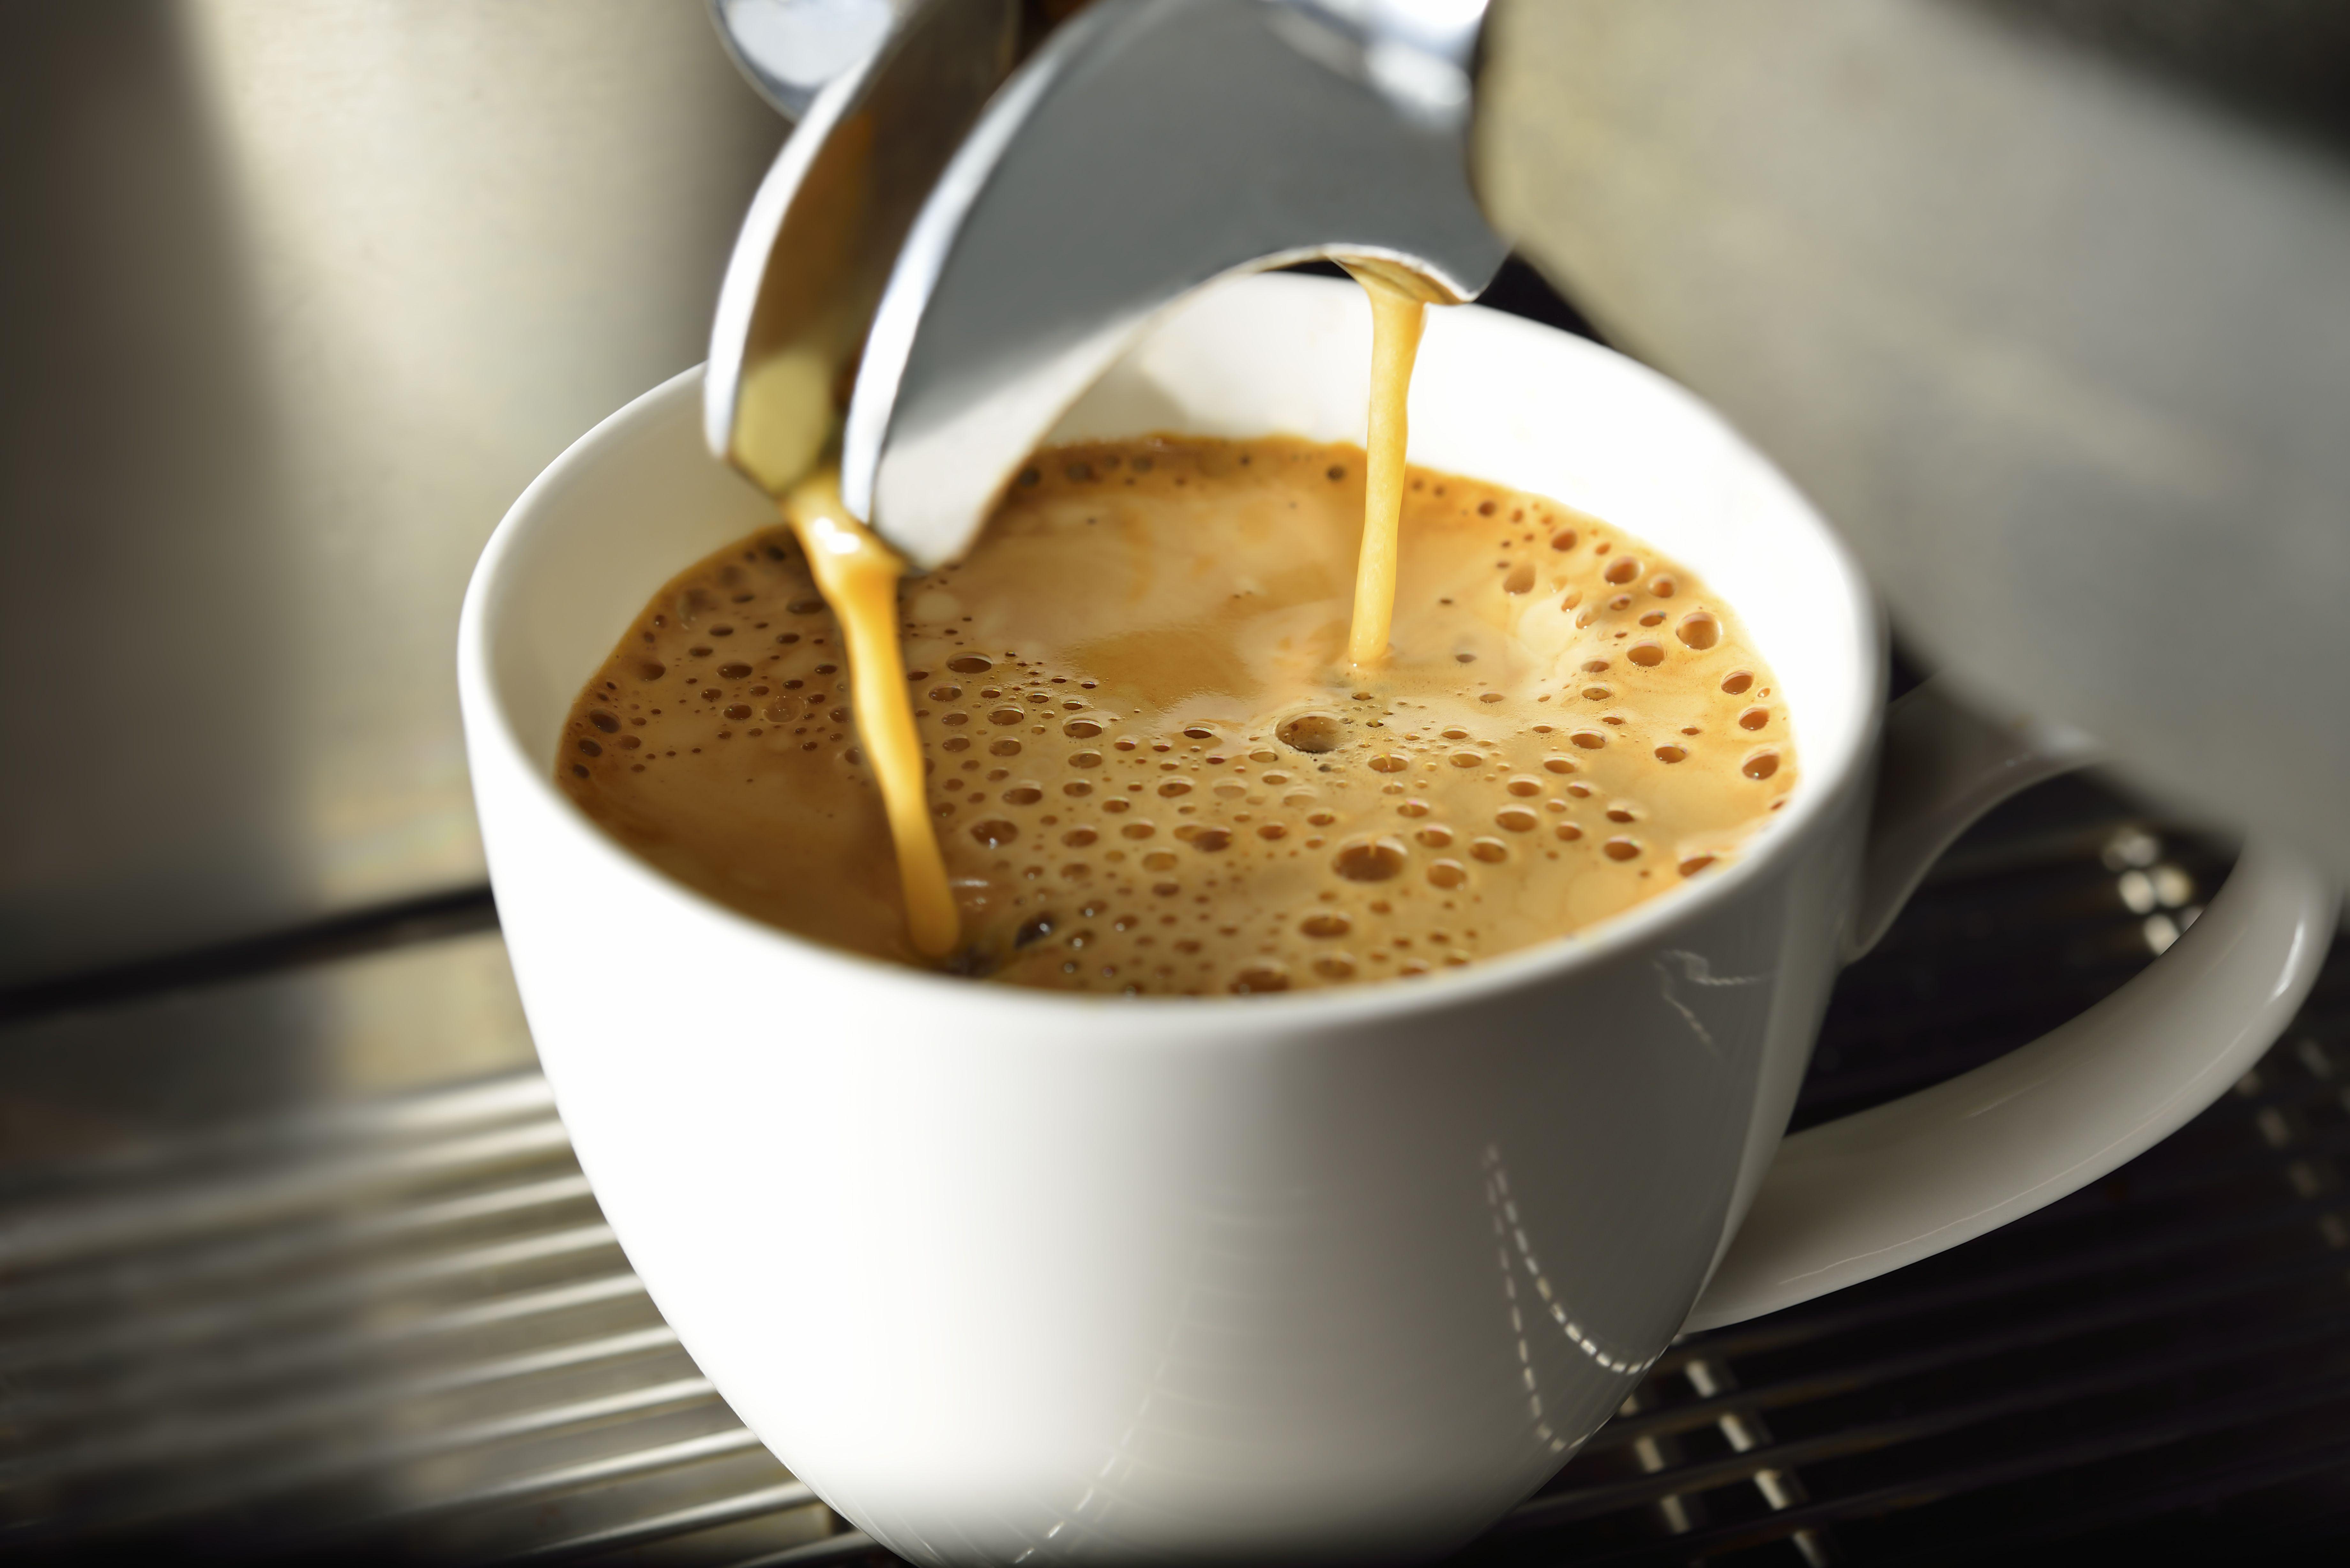 Uma xícara de café é o suficiente, segundo nutricionista. Foto: divulgação